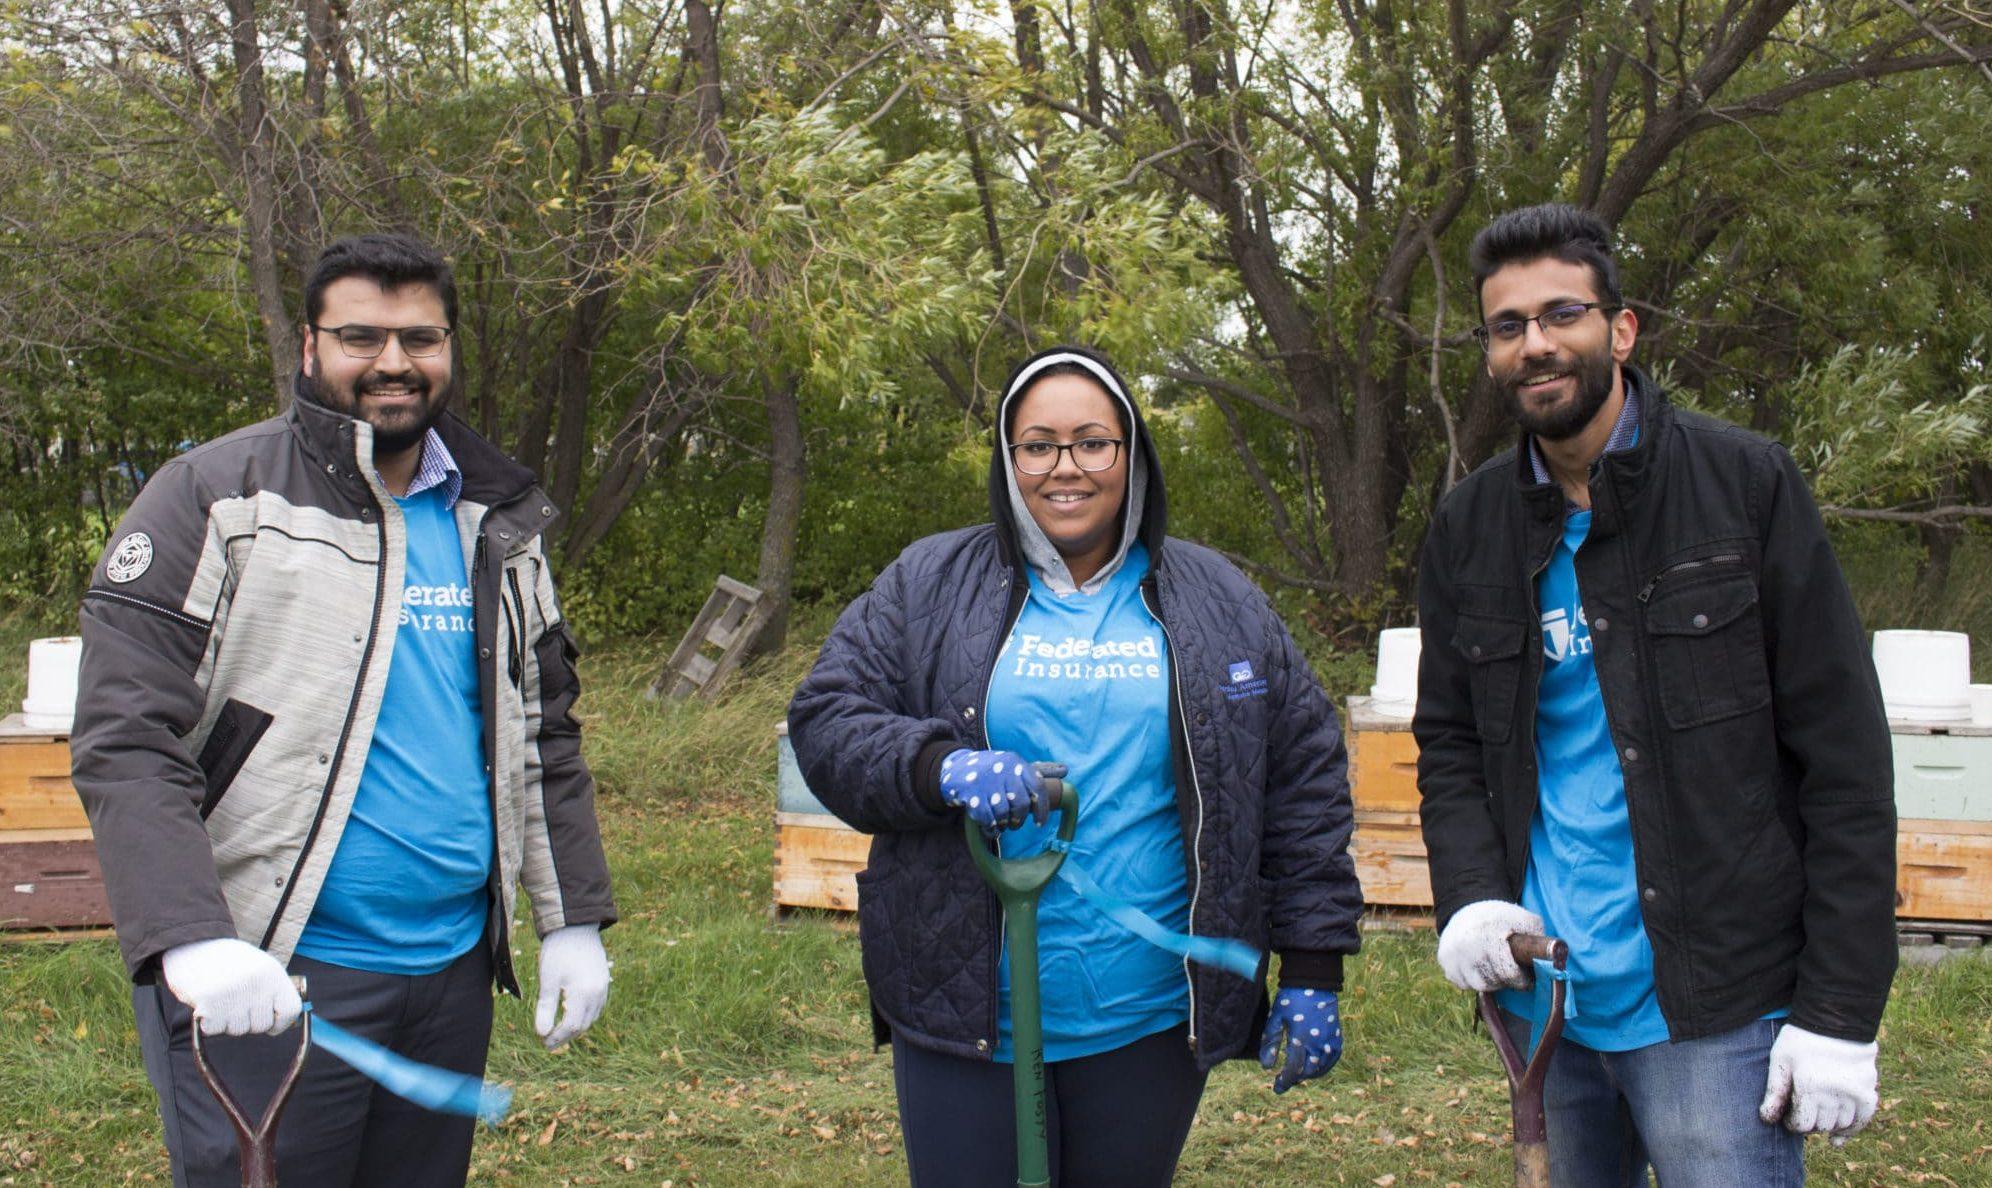 Group of corporate volunteers